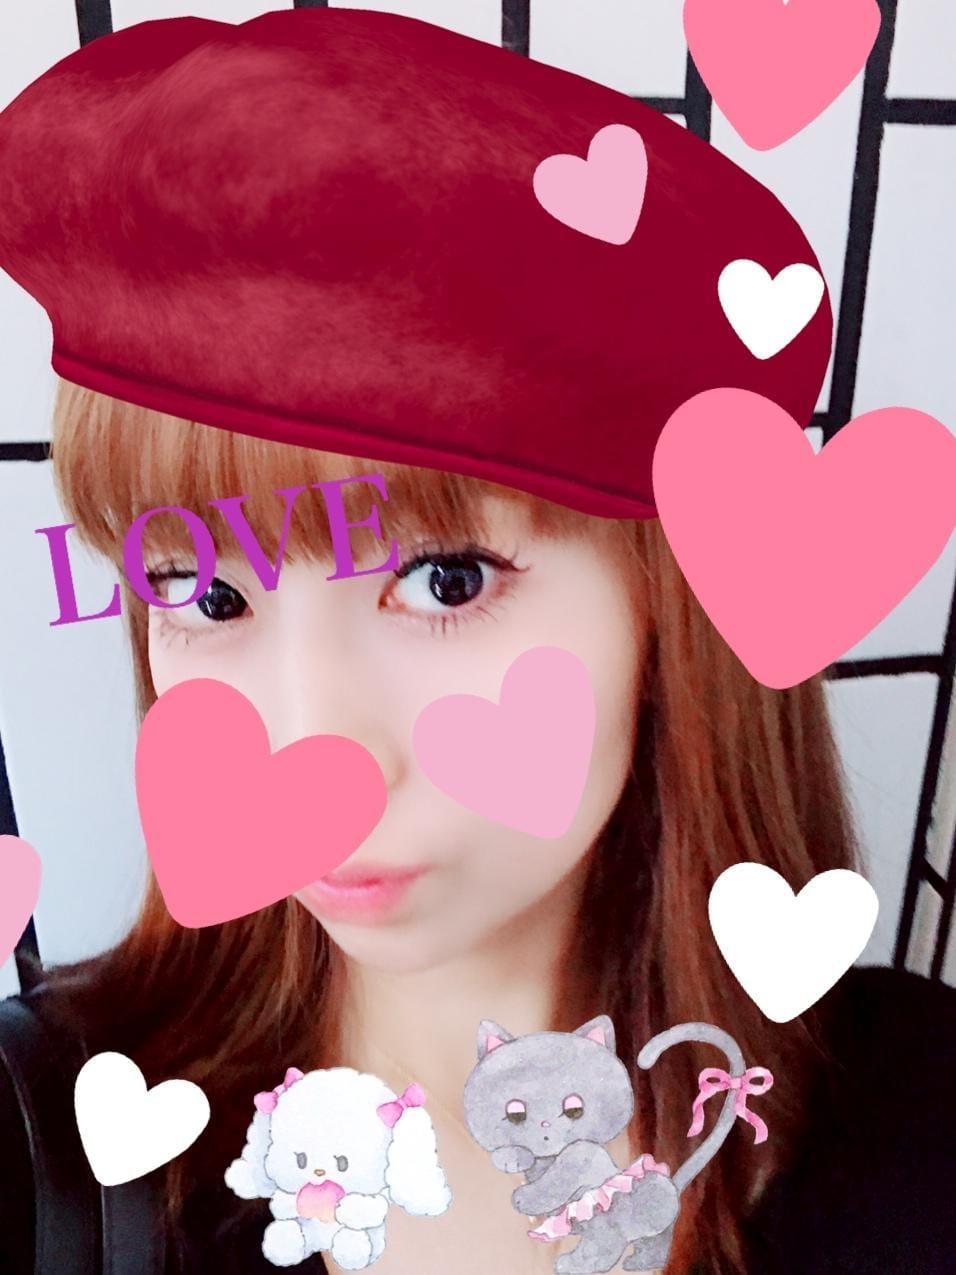 「ありがとうございました(^-^)」09/20(09/20) 19:28 | 持田の写メ・風俗動画